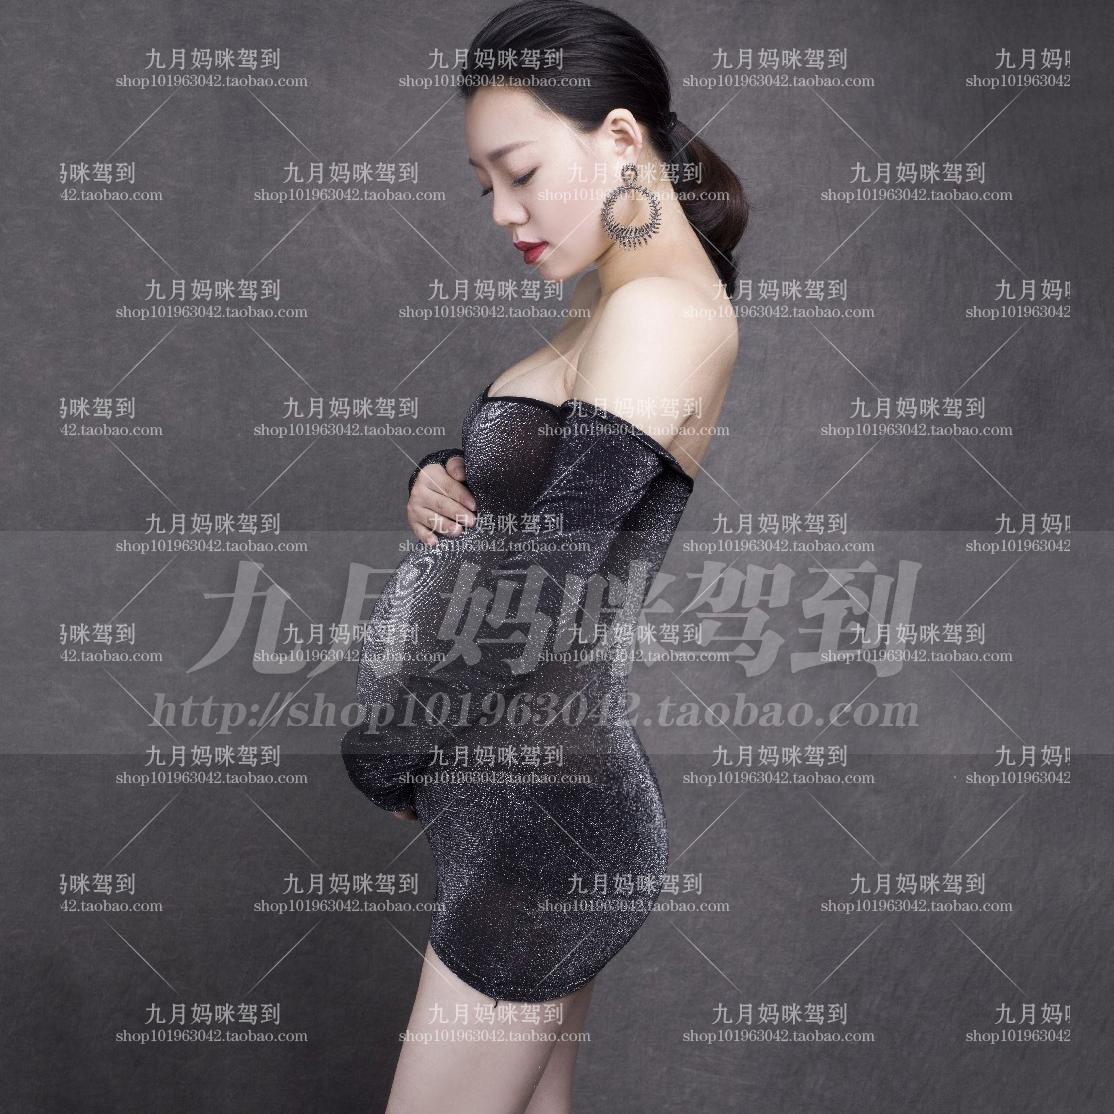 61 出租出售孕妇拍照服装摄影写真服饰准妈妈影楼孕照衣服大肚照